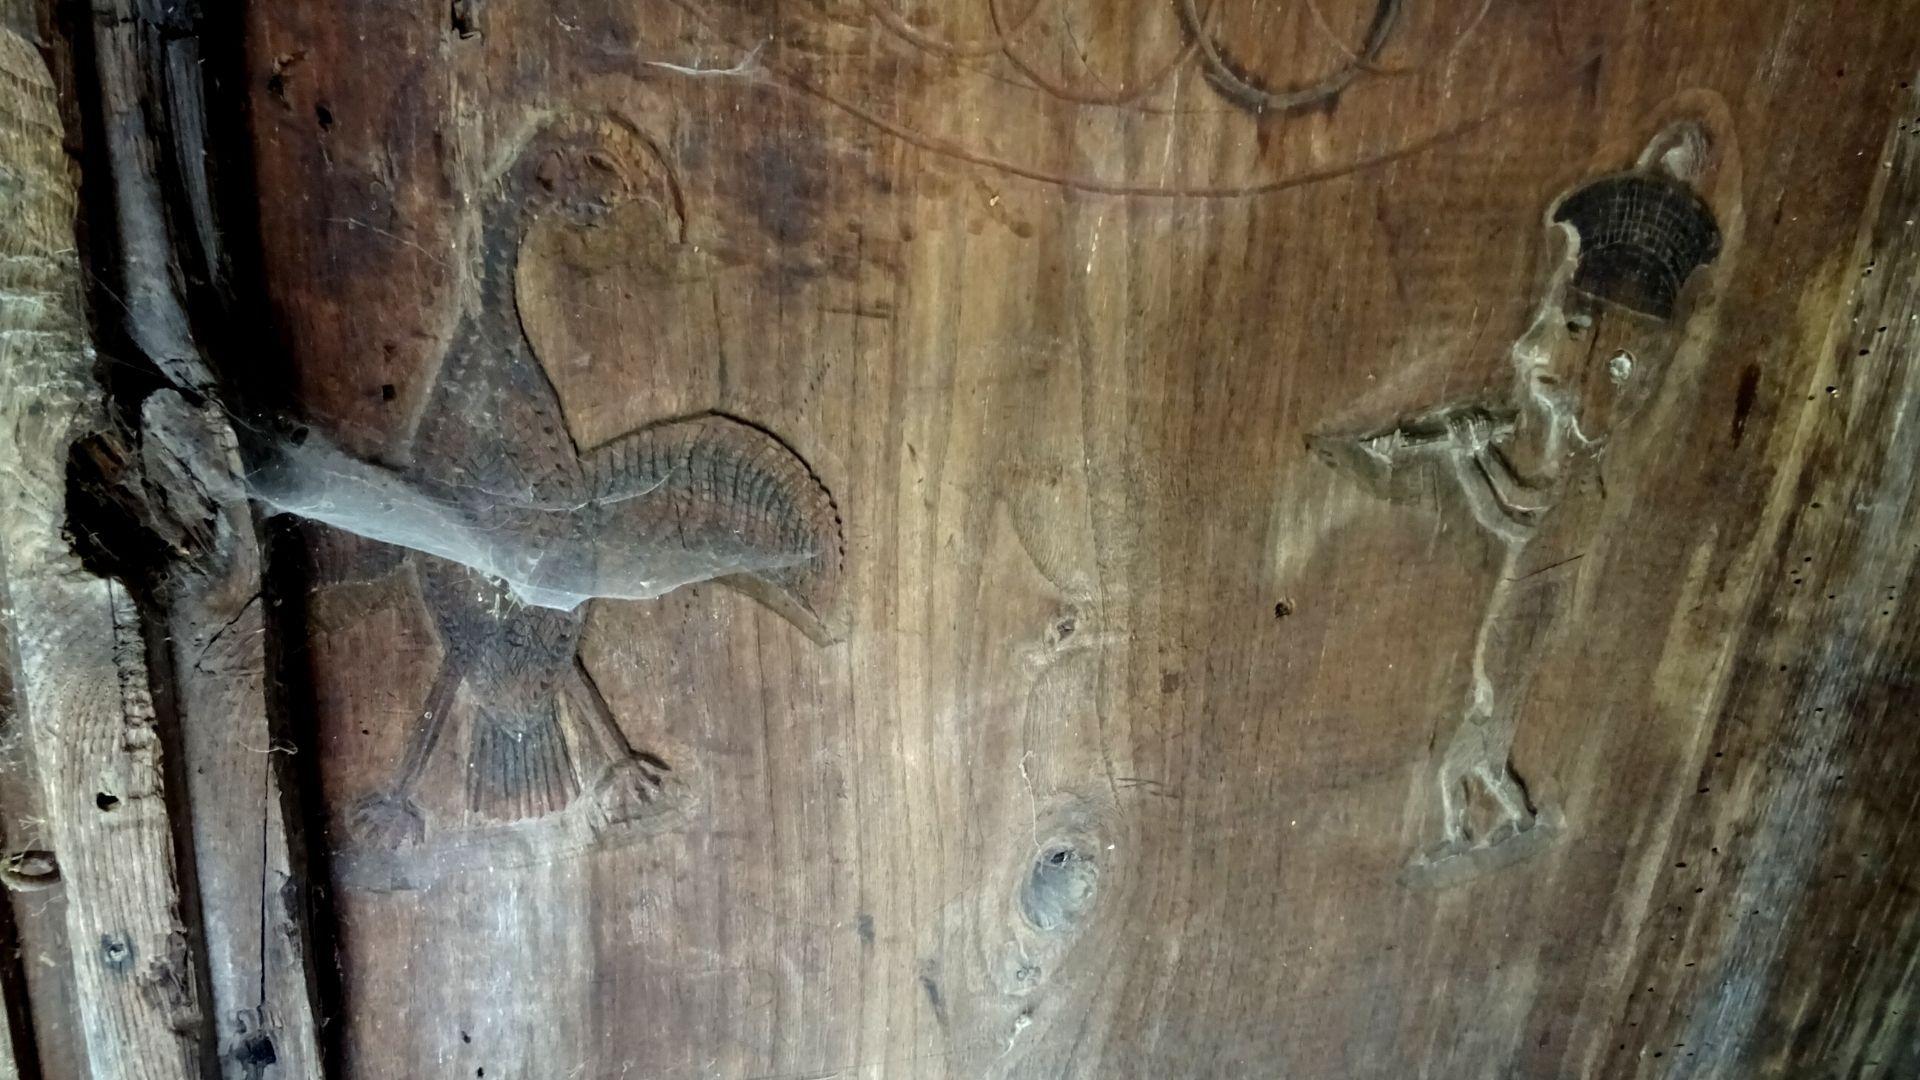 Una de sus interesantes y finas tallas muestra a una figura humana enfrentándose a un ave